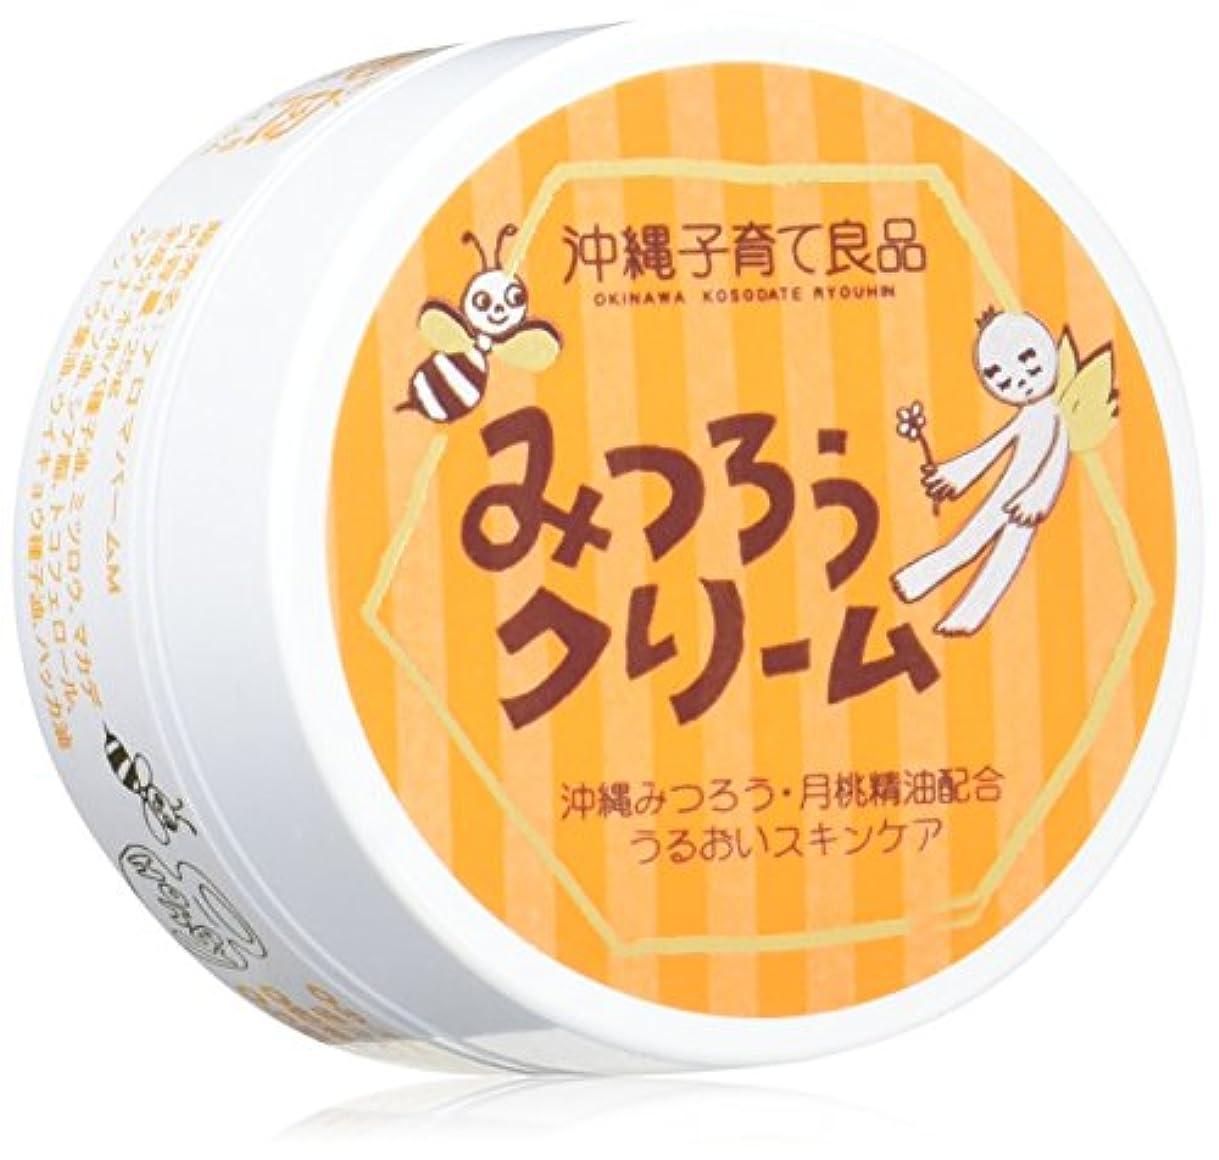 チャーミング強調通り抜ける沖縄子育て良品 みつろうクリーム (25g)